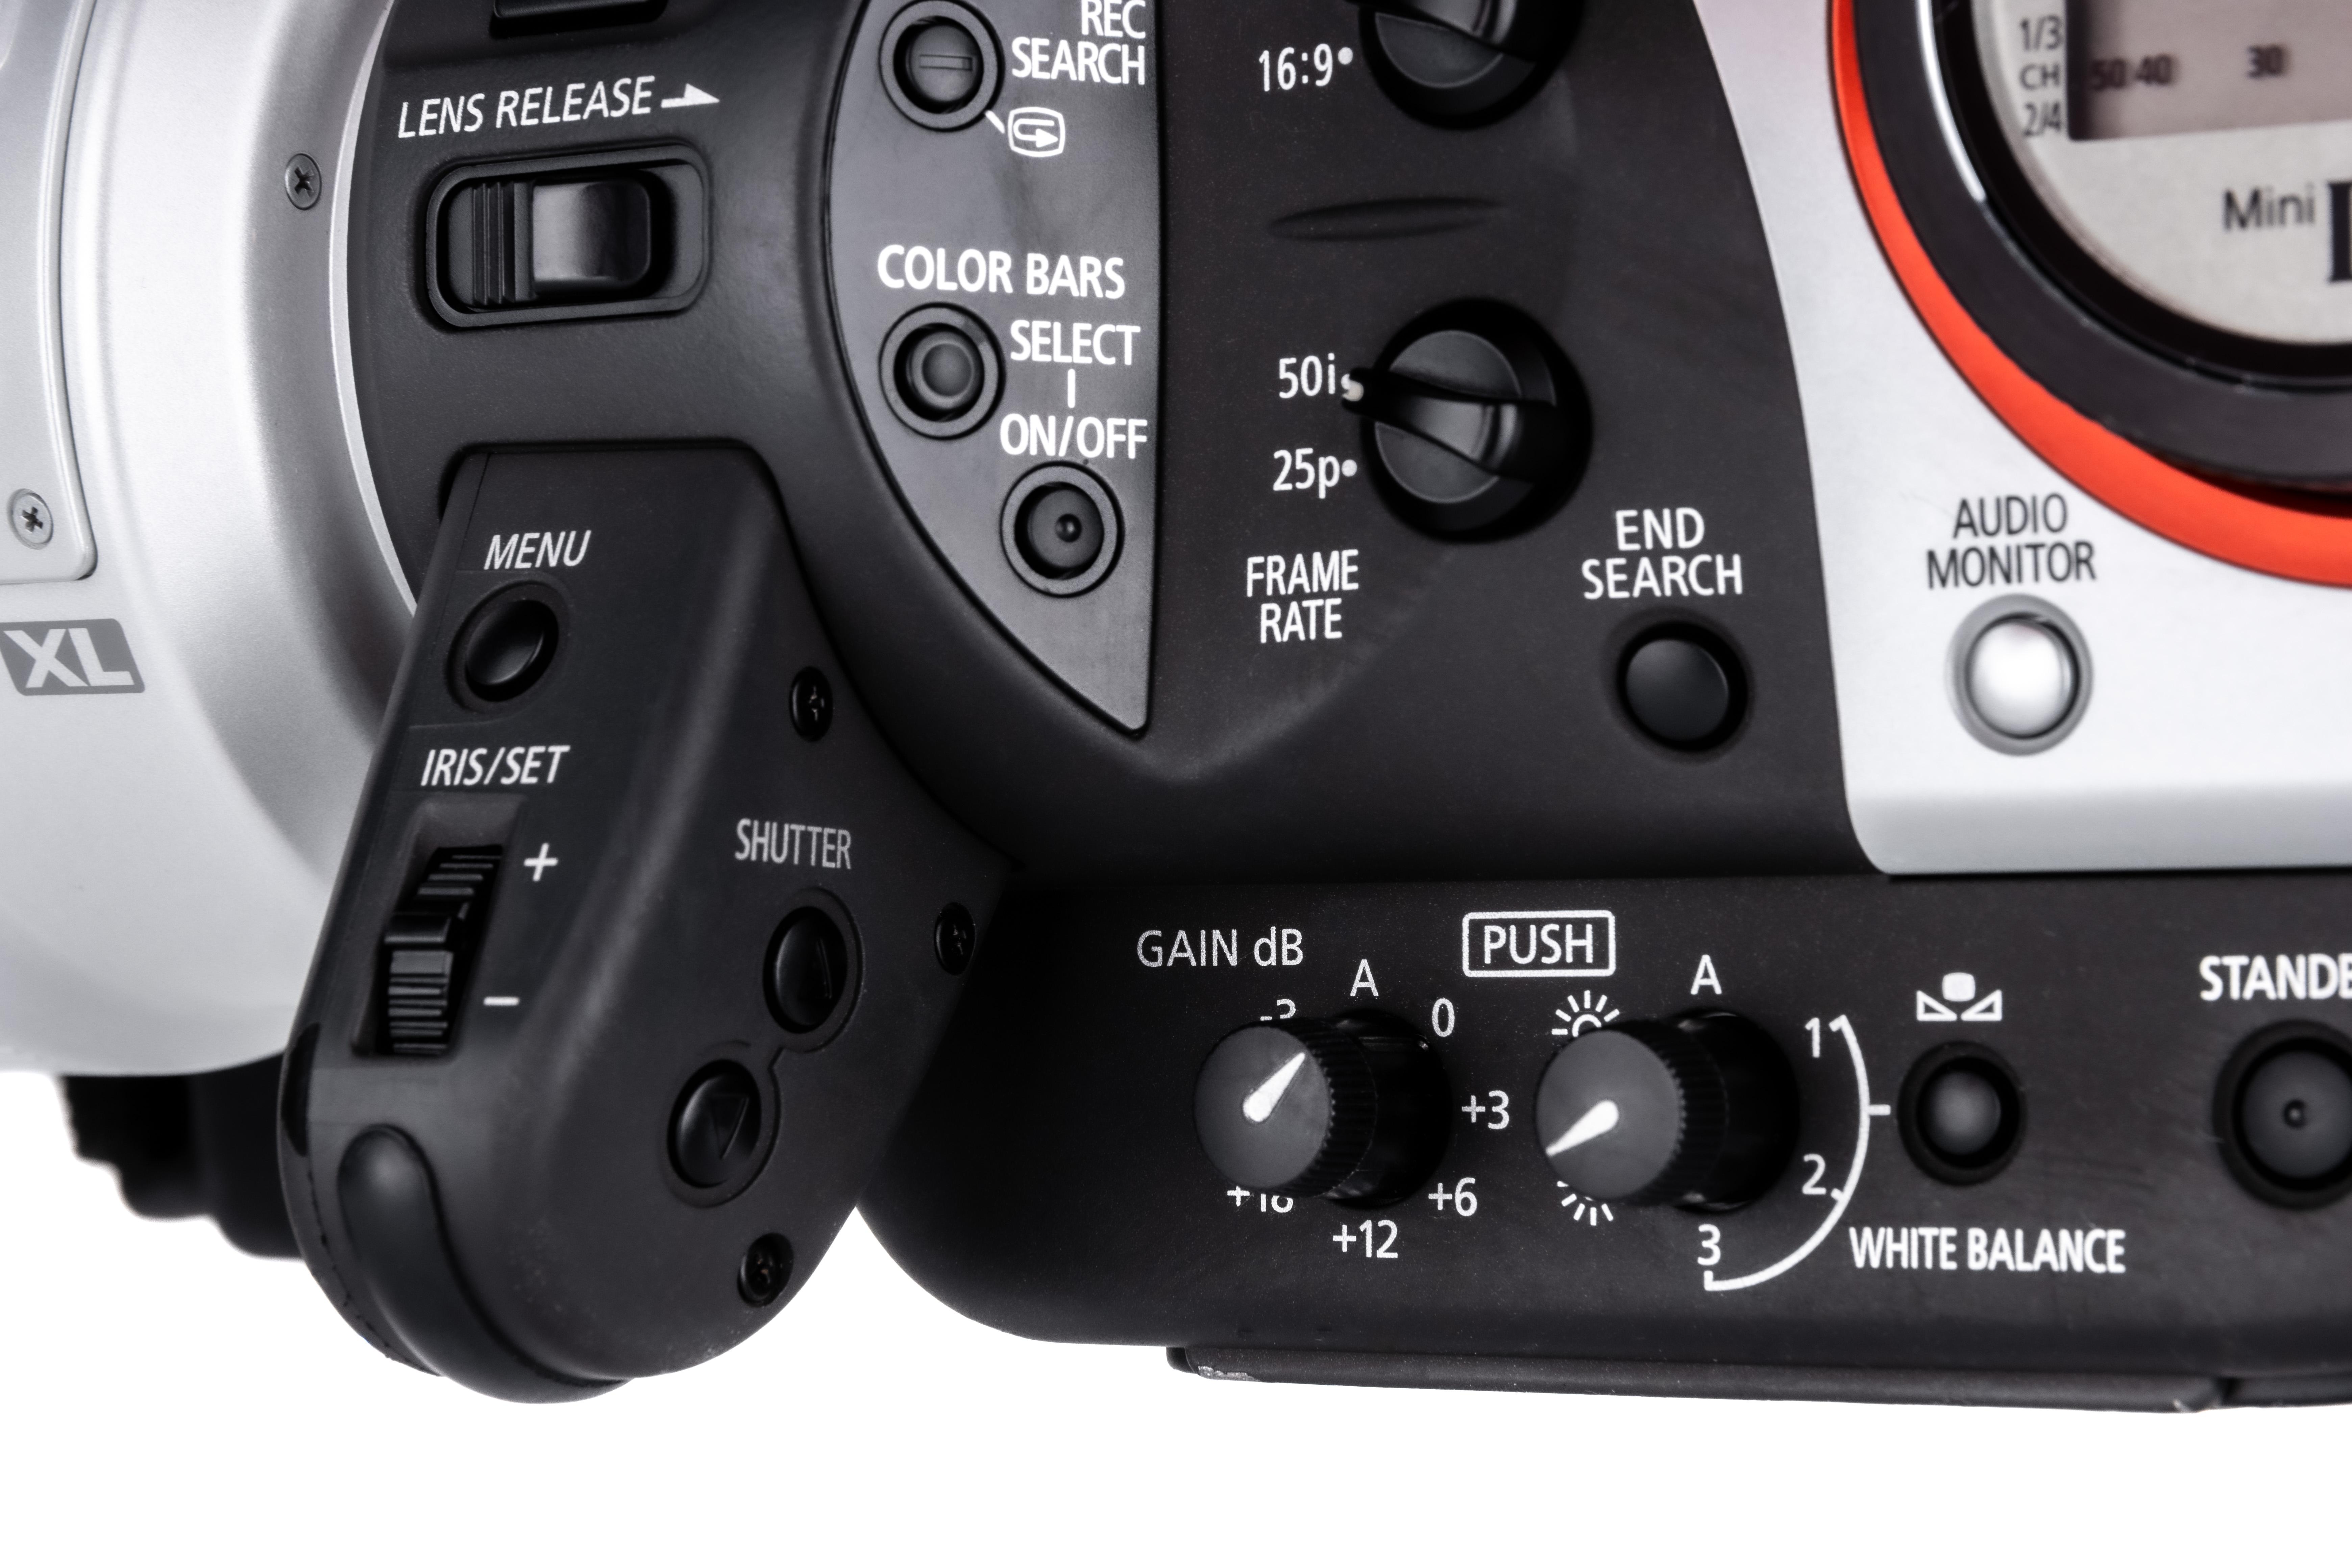 Canon XL2 - 4